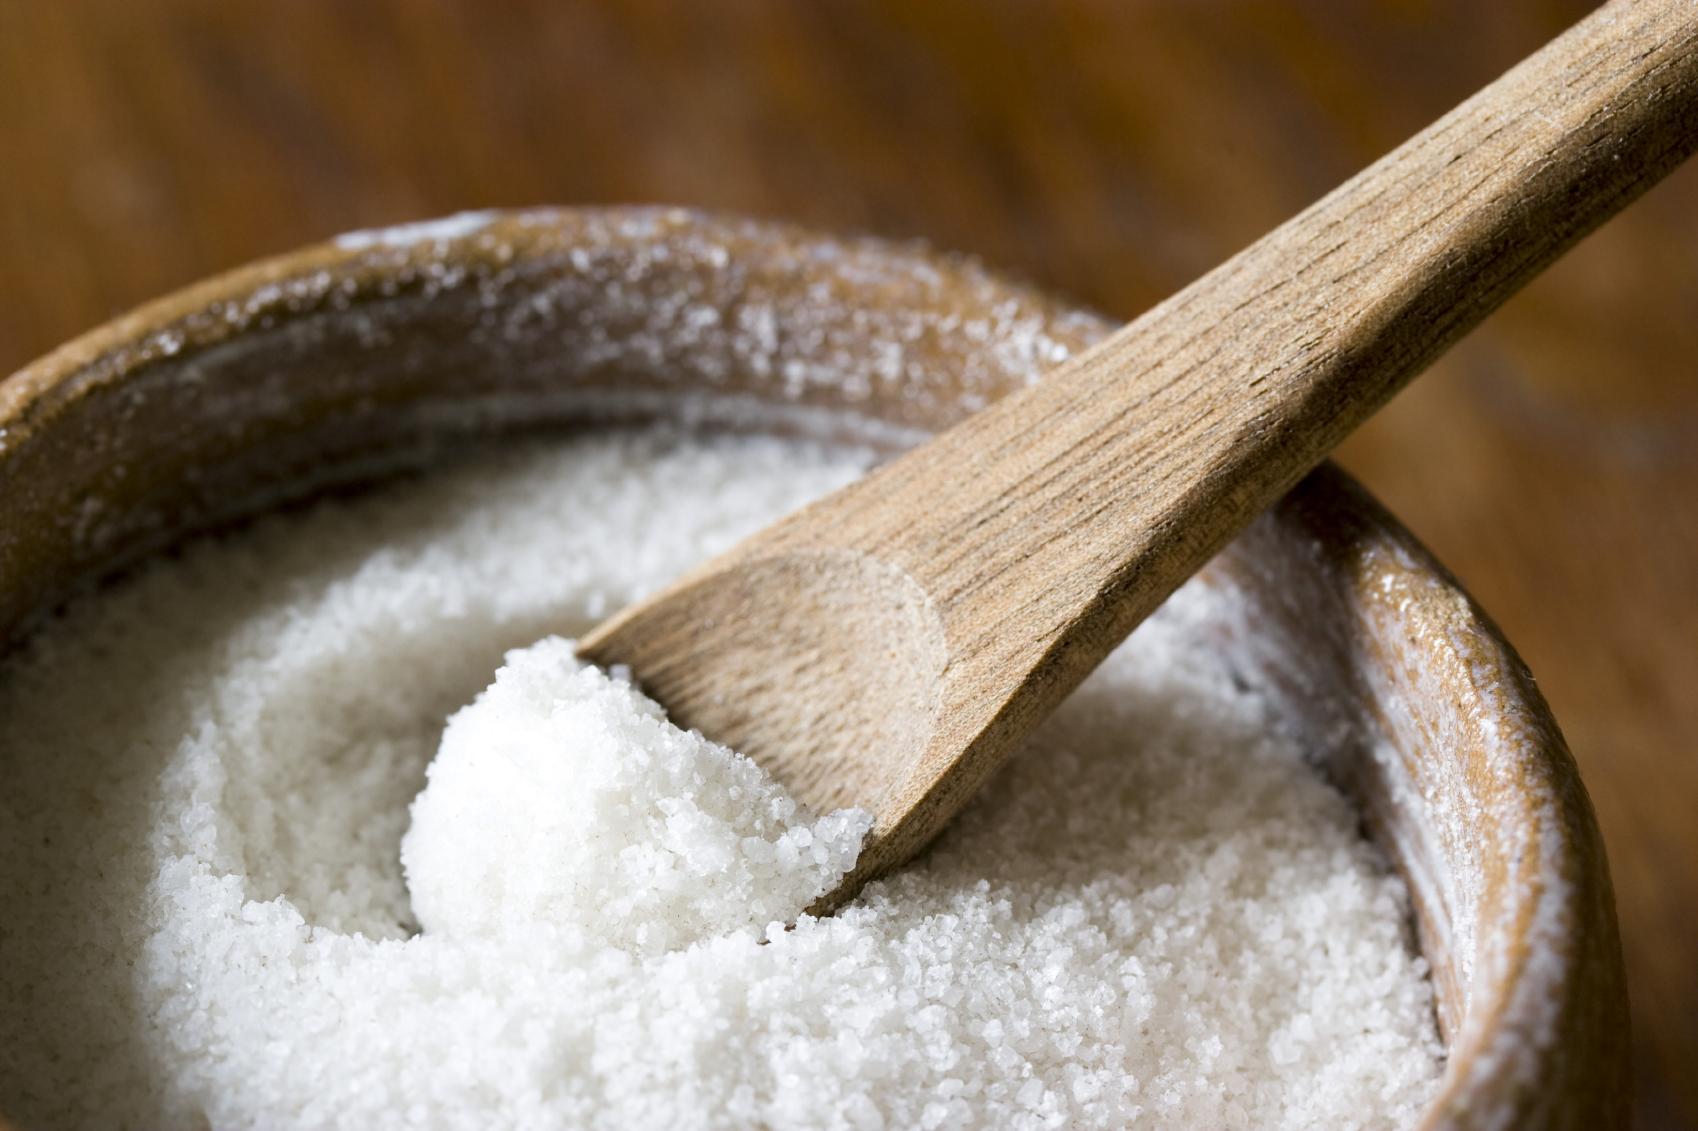 İyot-ve-İyotlu-Tuzun-Yararları Vegan Diyeti ve Vegan Beslenme